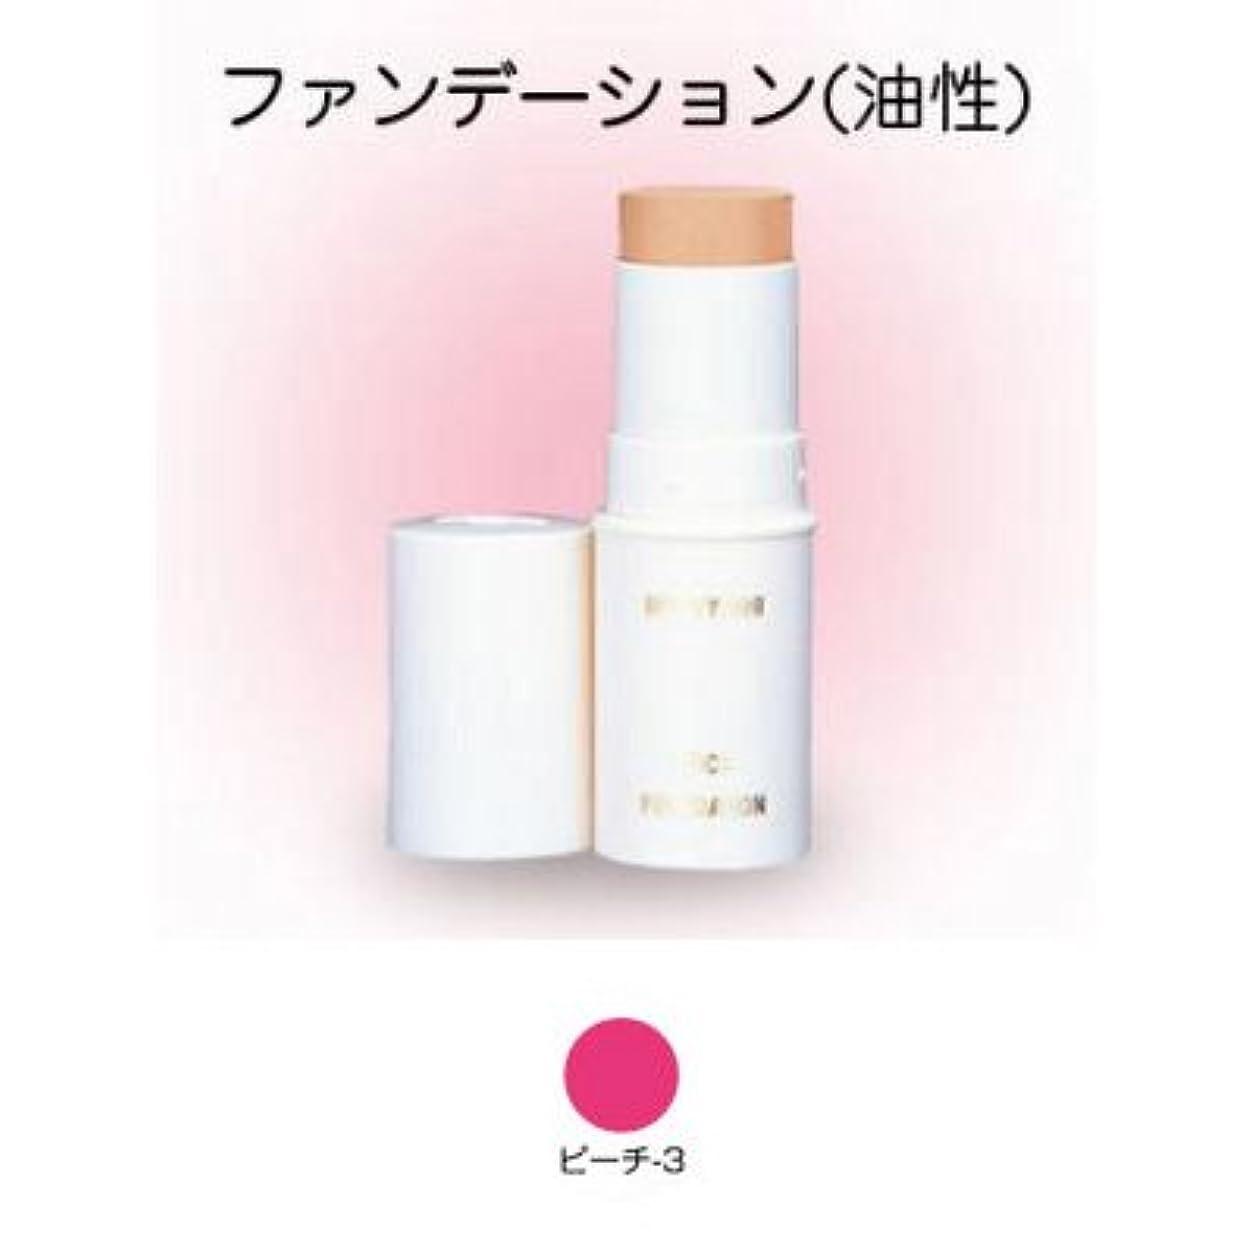 封建強打魅惑的なスティックファンデーション 16g ピーチ-3 【三善】